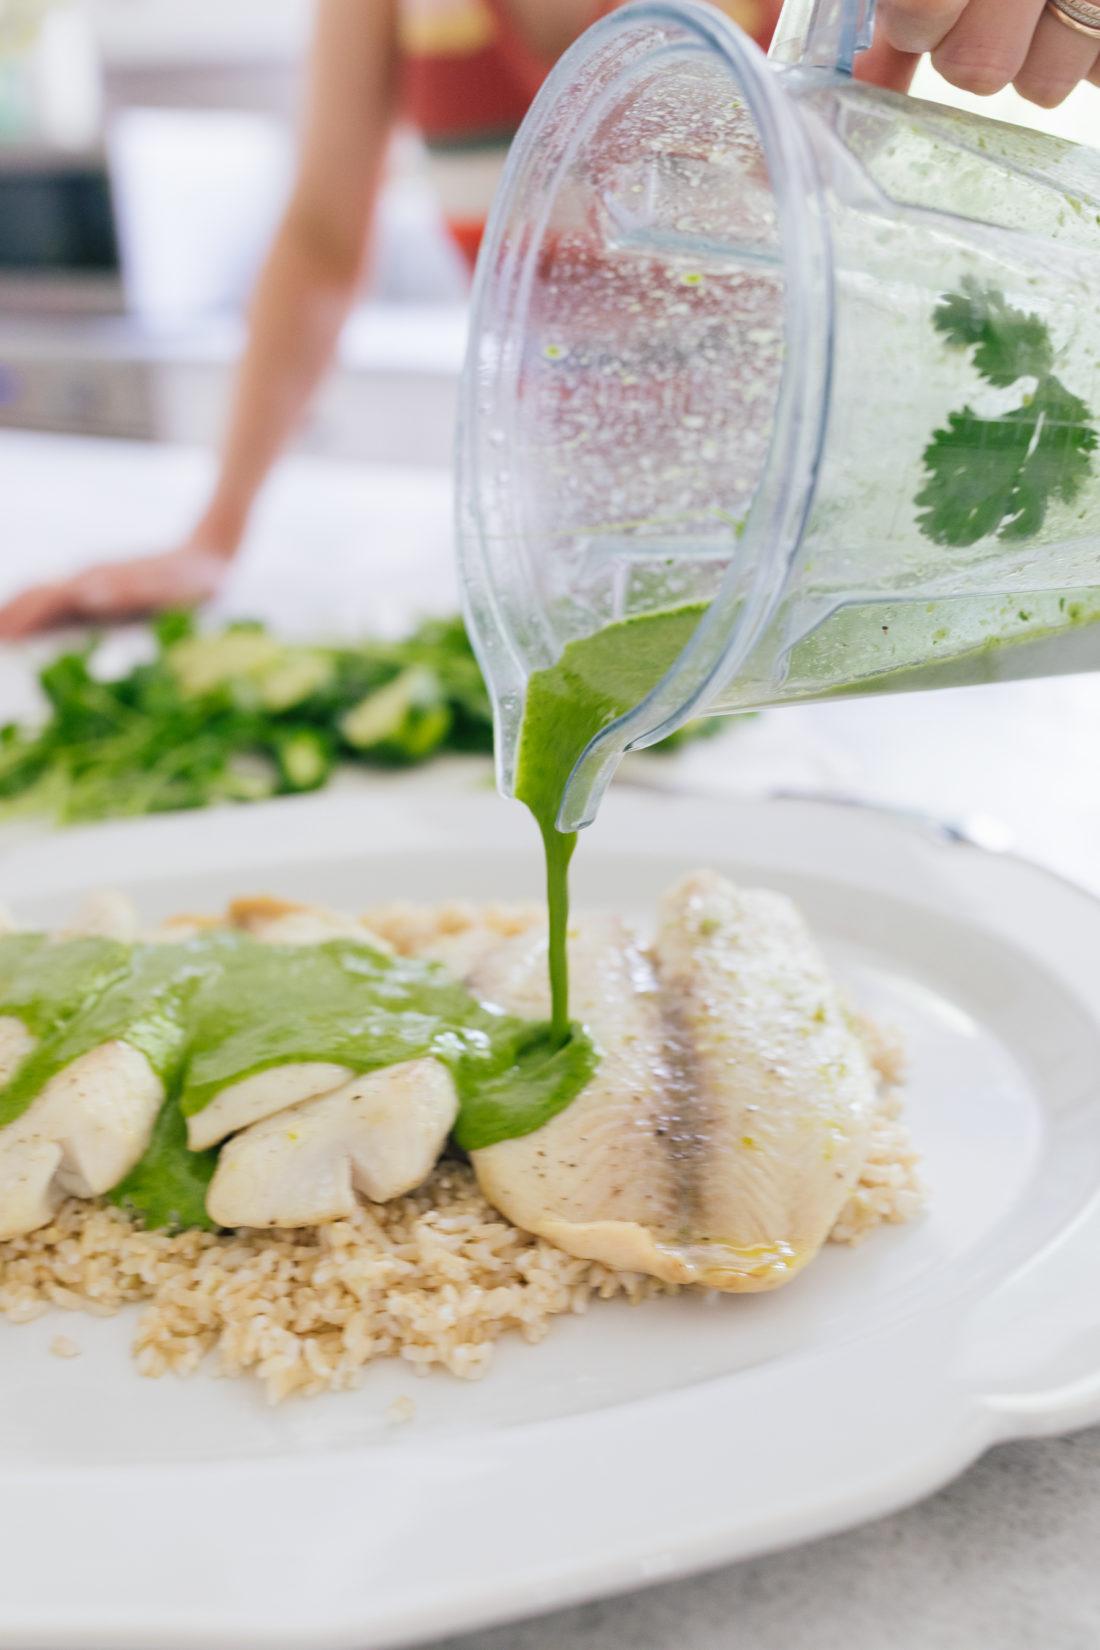 Eva Amurri Martino pours vinaigrette over Tilapia for Buster's Famous Green Fish recipe